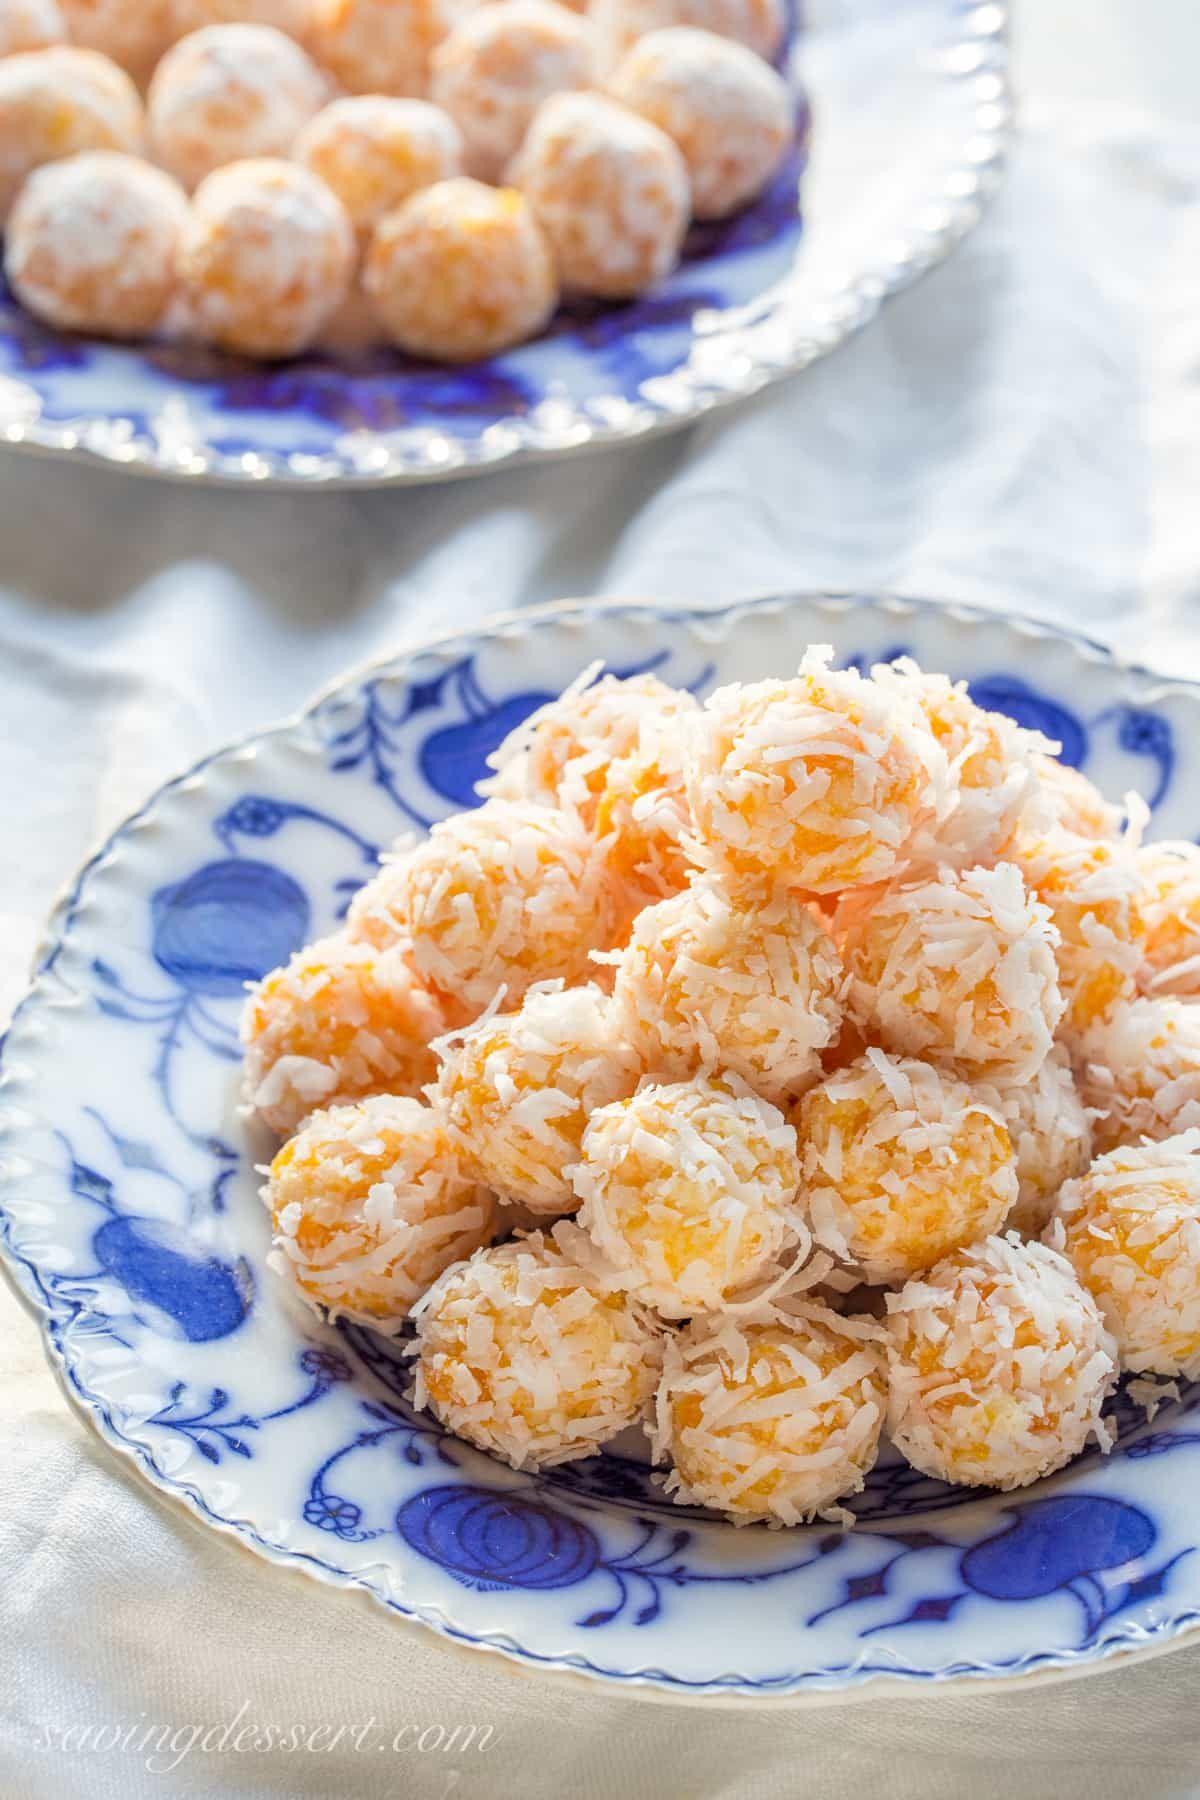 Apricot Coconut Balls Recipe Cookie Recipe No Milk Baking Recipes Cookies Cookies Recipes Christmas